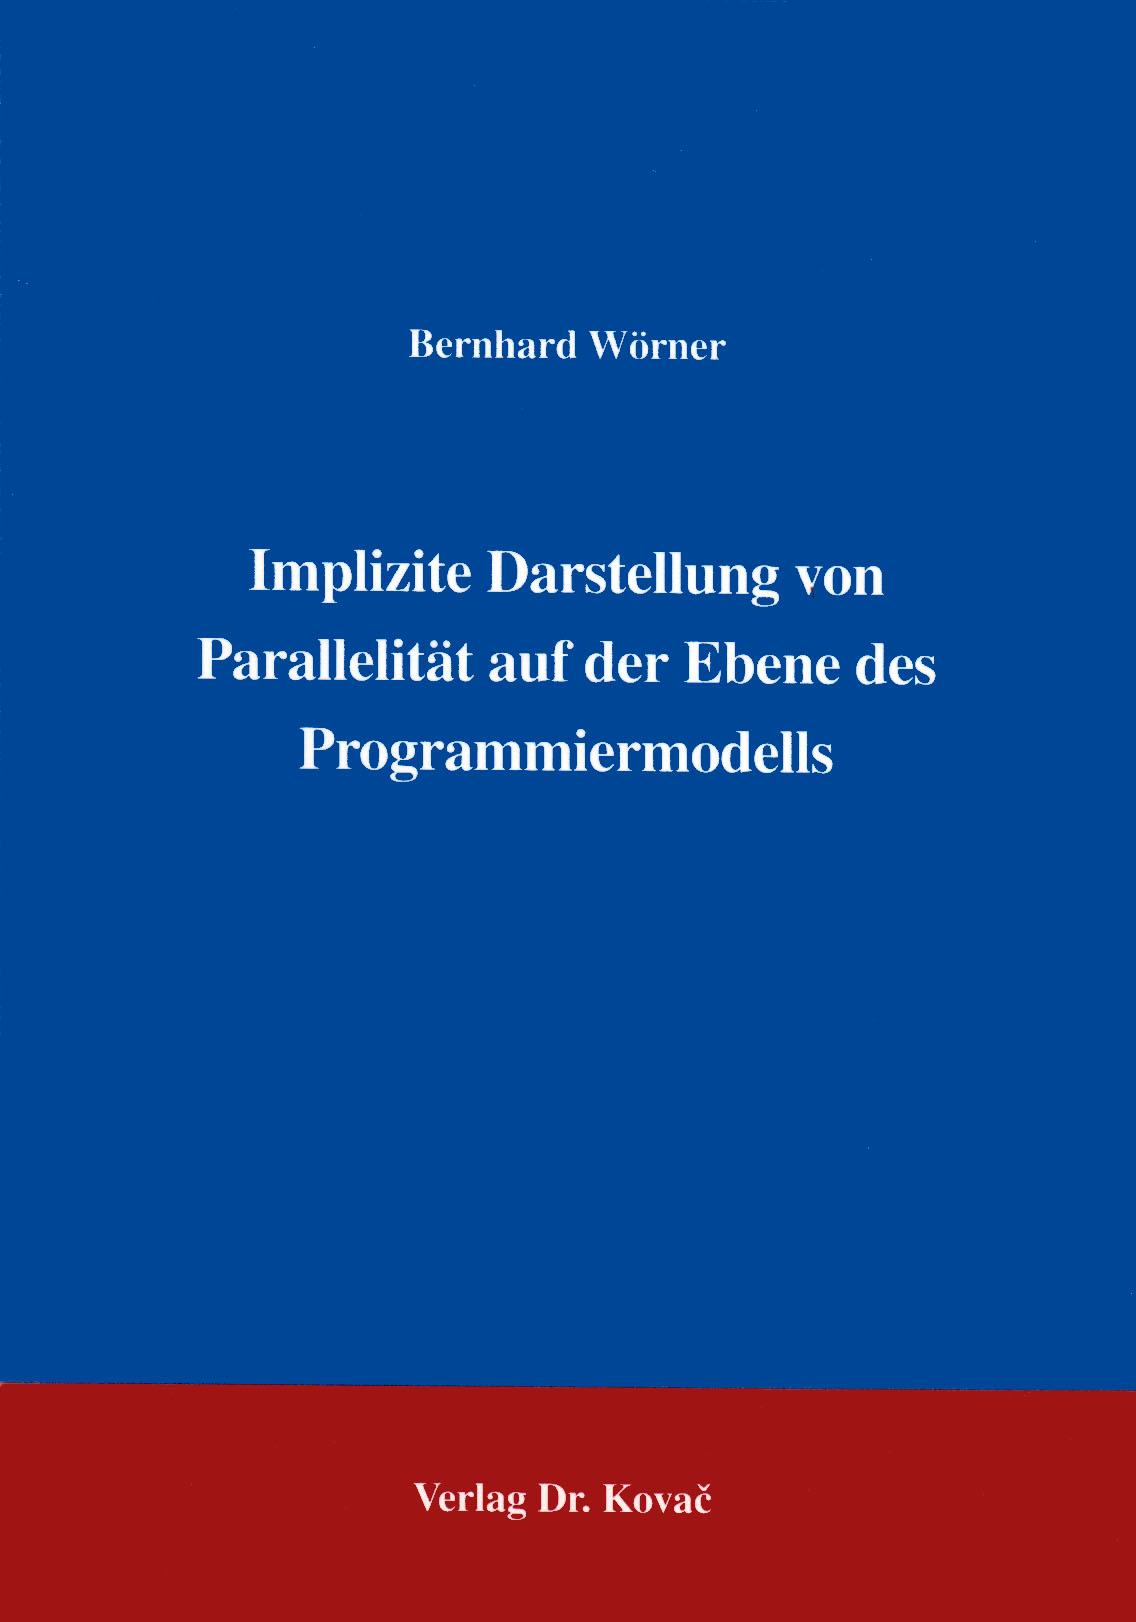 Cover: Implizite Darstellung von Parallelität auf der Ebene des Programmiermodells